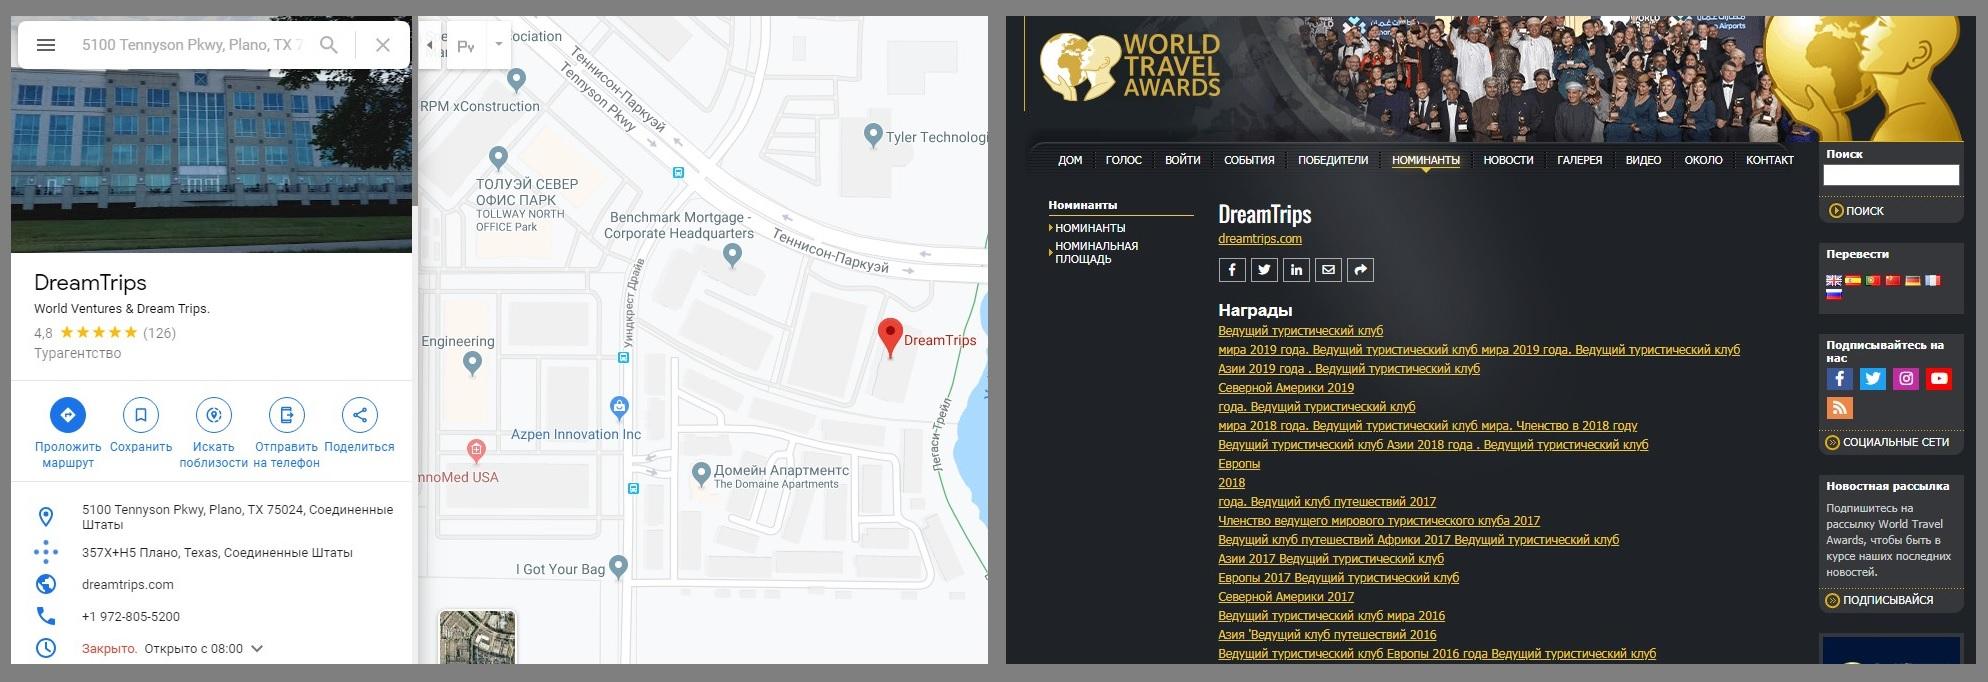 Адрес и награды